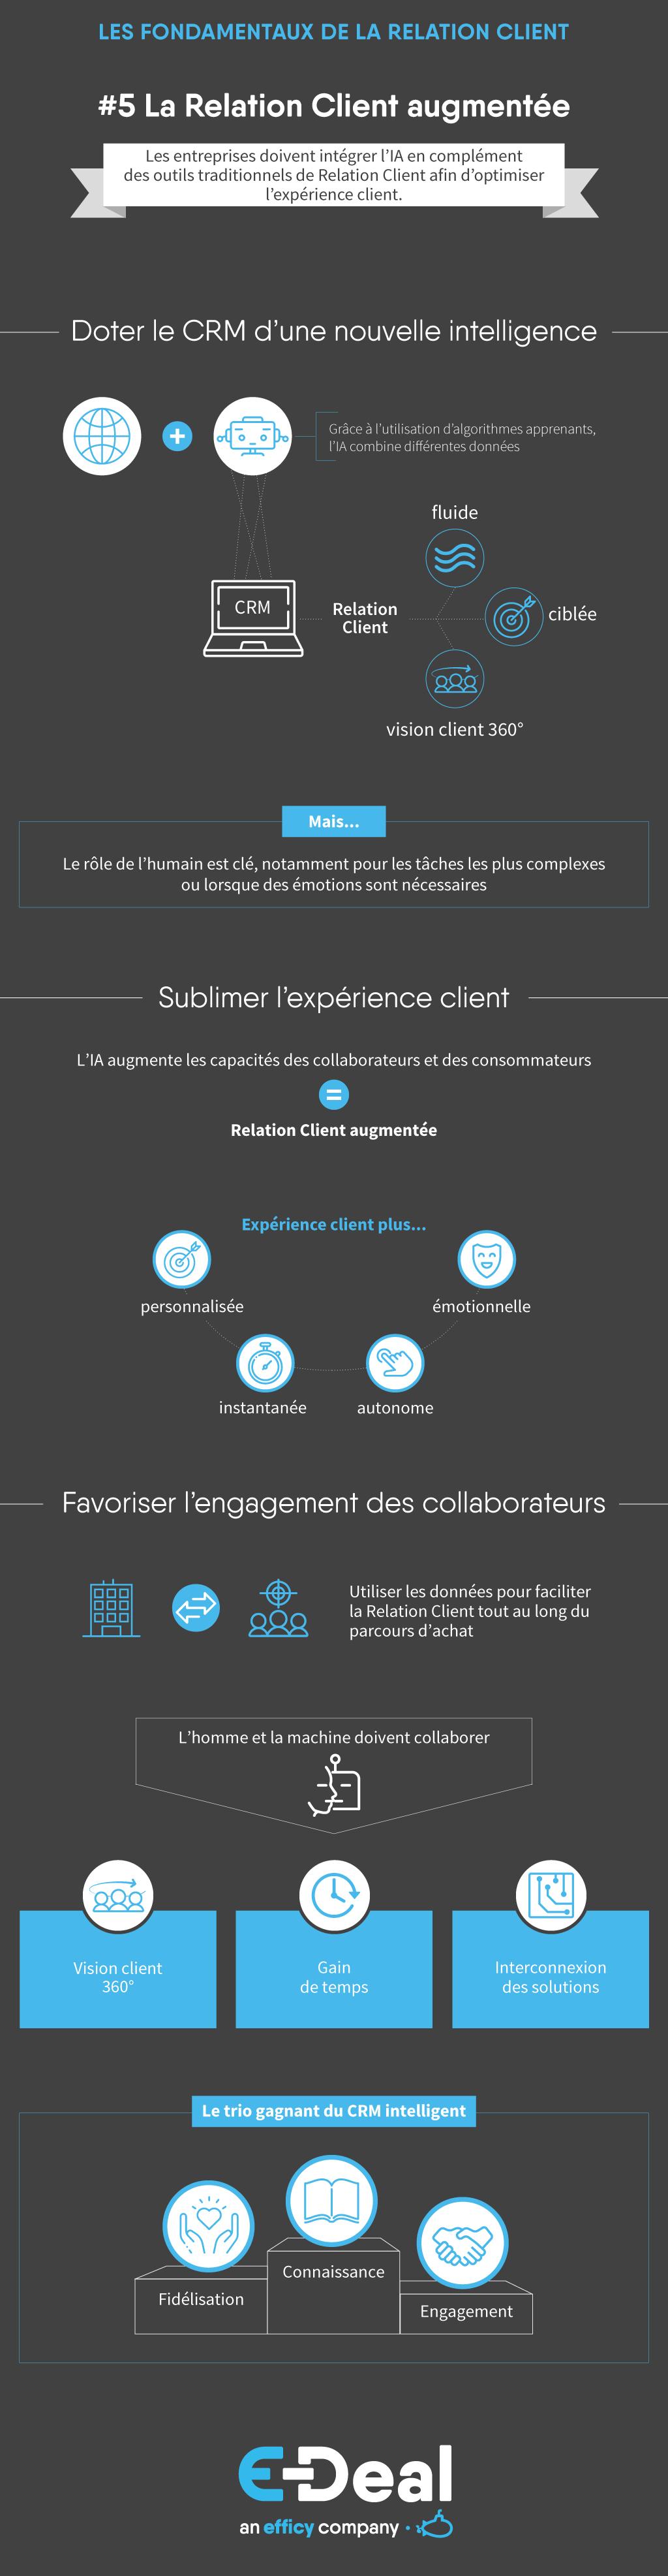 des outils traditionnels de Relation Client afin d'optimiser l'expérience client.